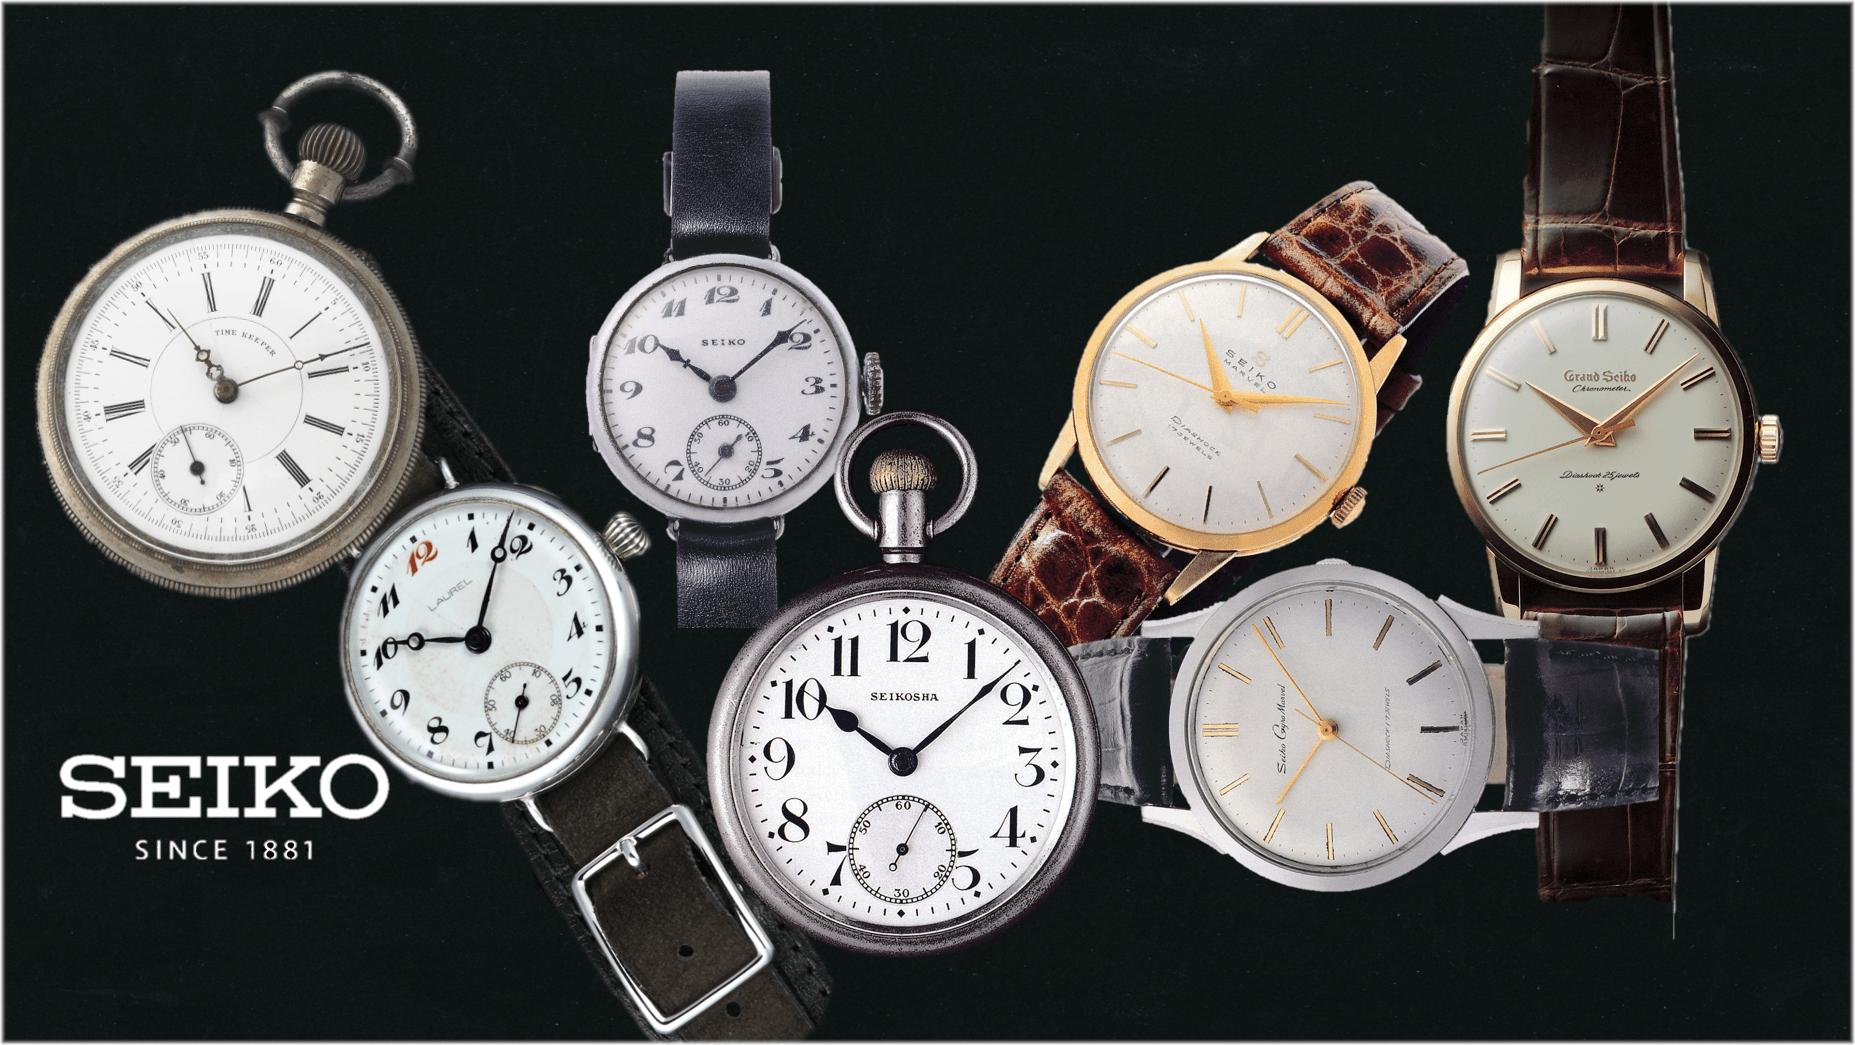 Seiko und seine Uhren (Teil 1) Seiko Meilensteine der Uhrmacherkunst: 1881 – 1960